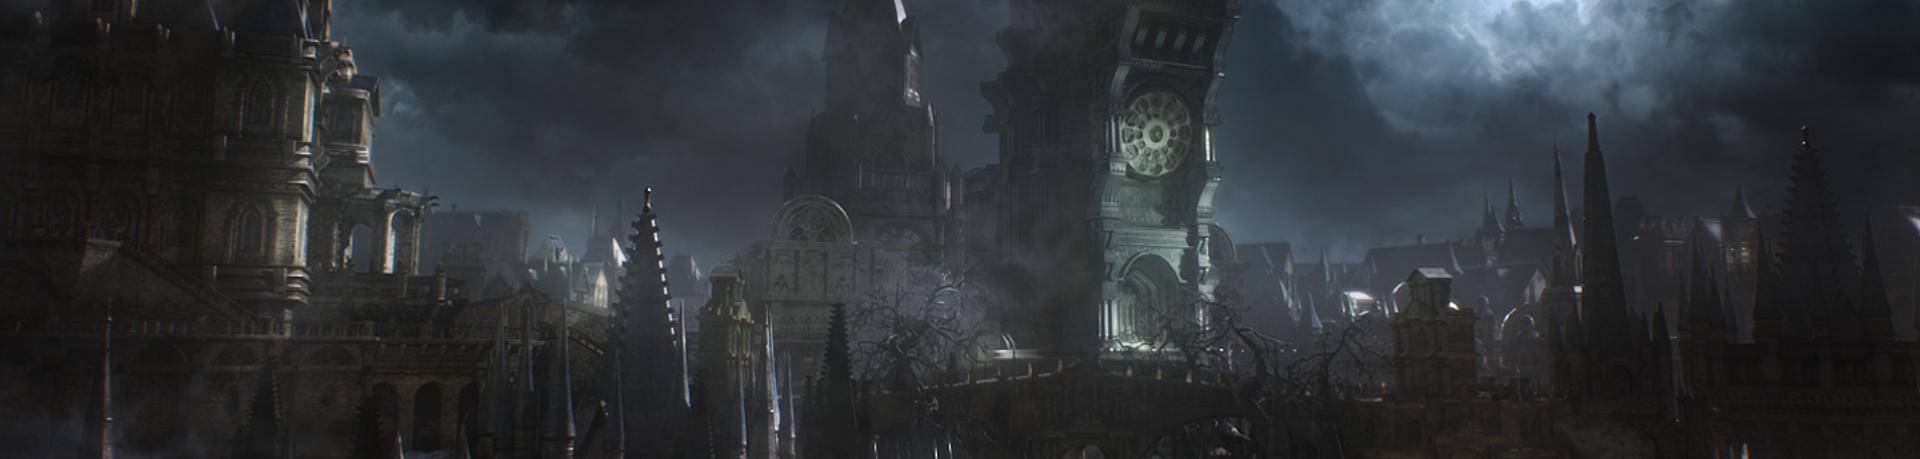 E3: Bloodborne announced for PS4